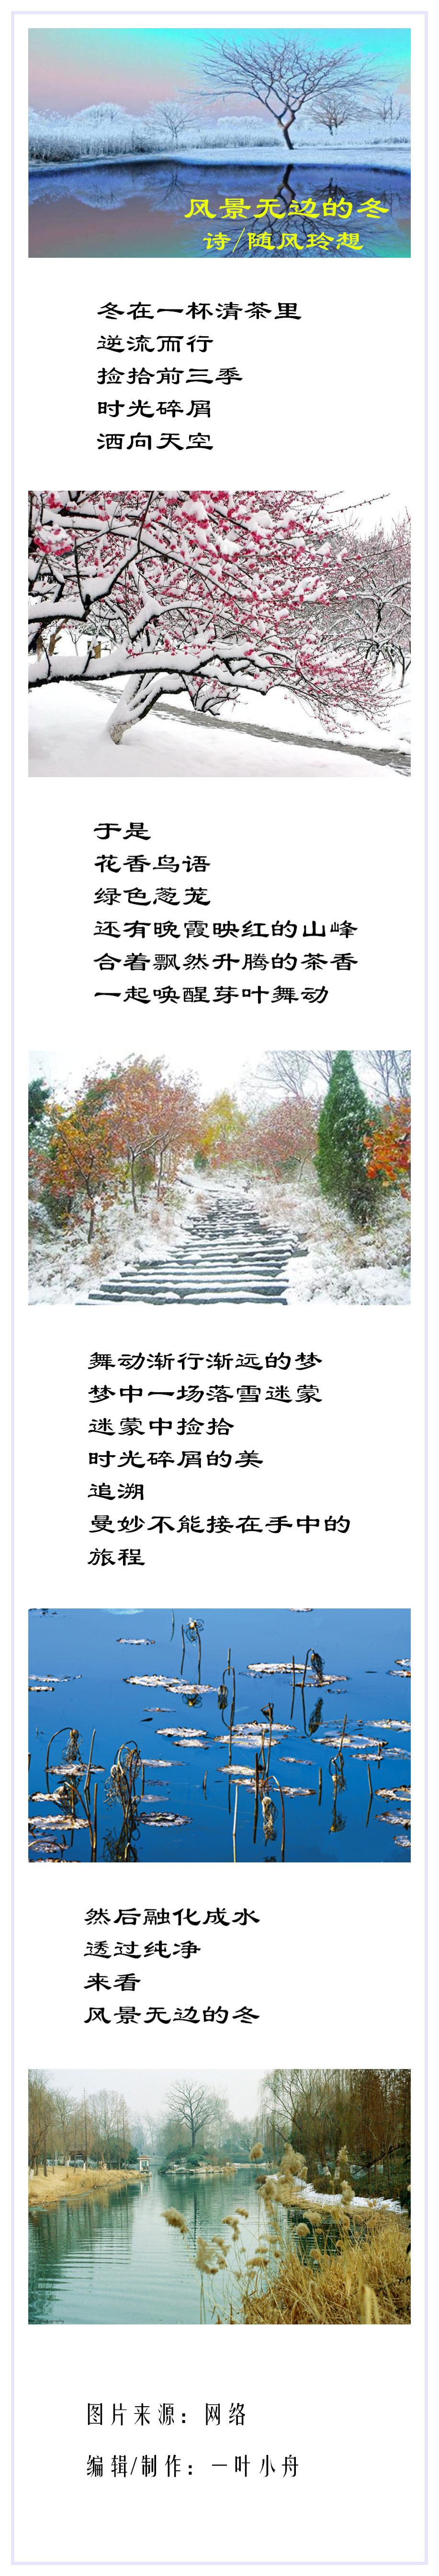 风景无限的冬新合成